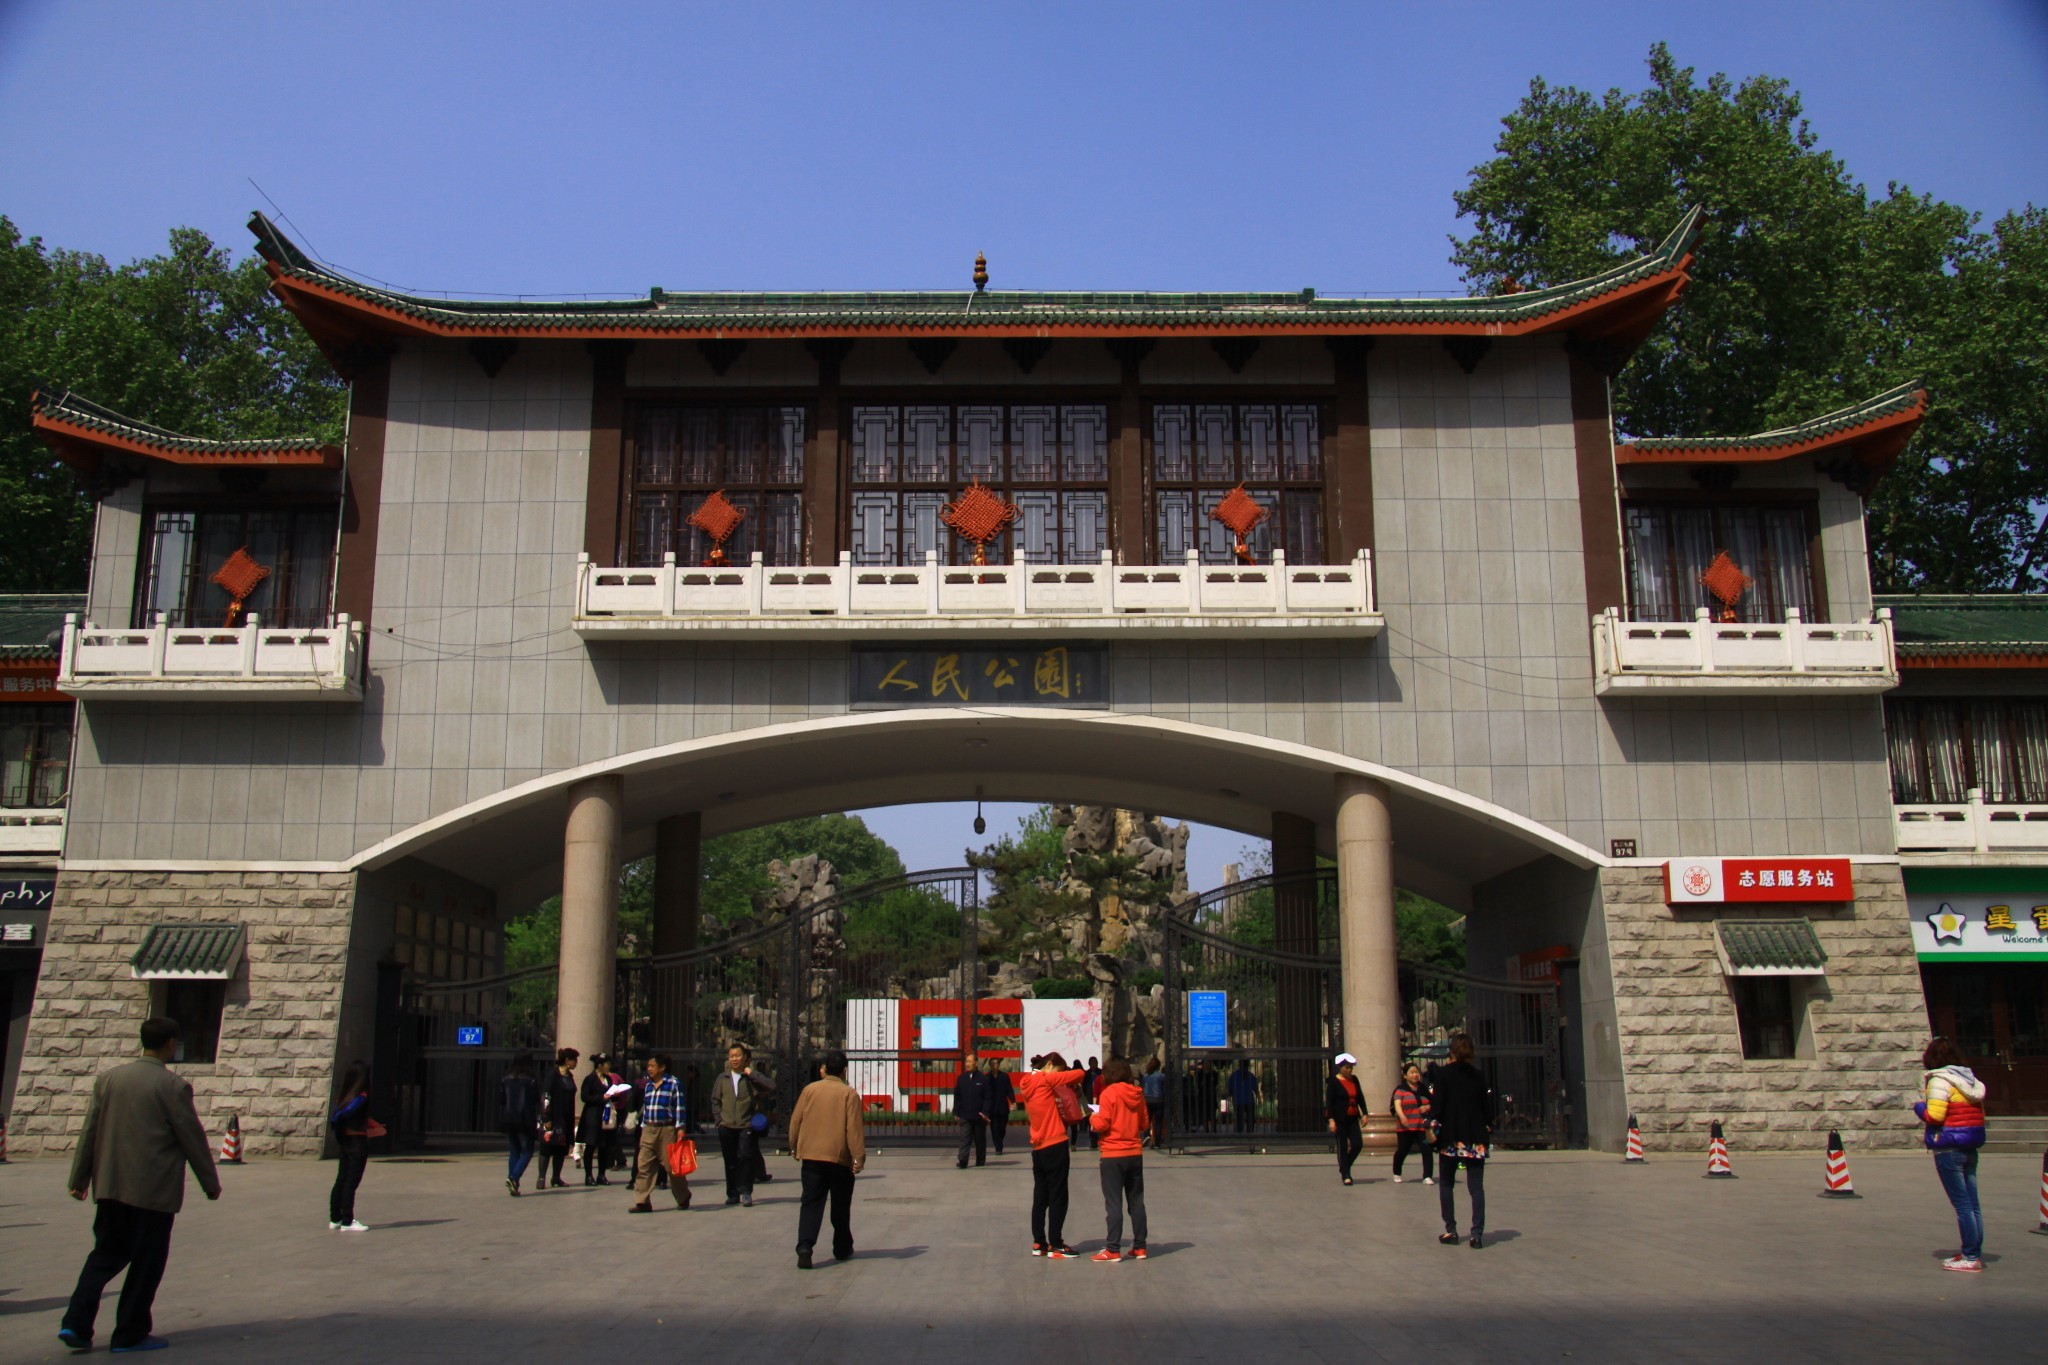 郑州有什么值得打卡签到的地方?